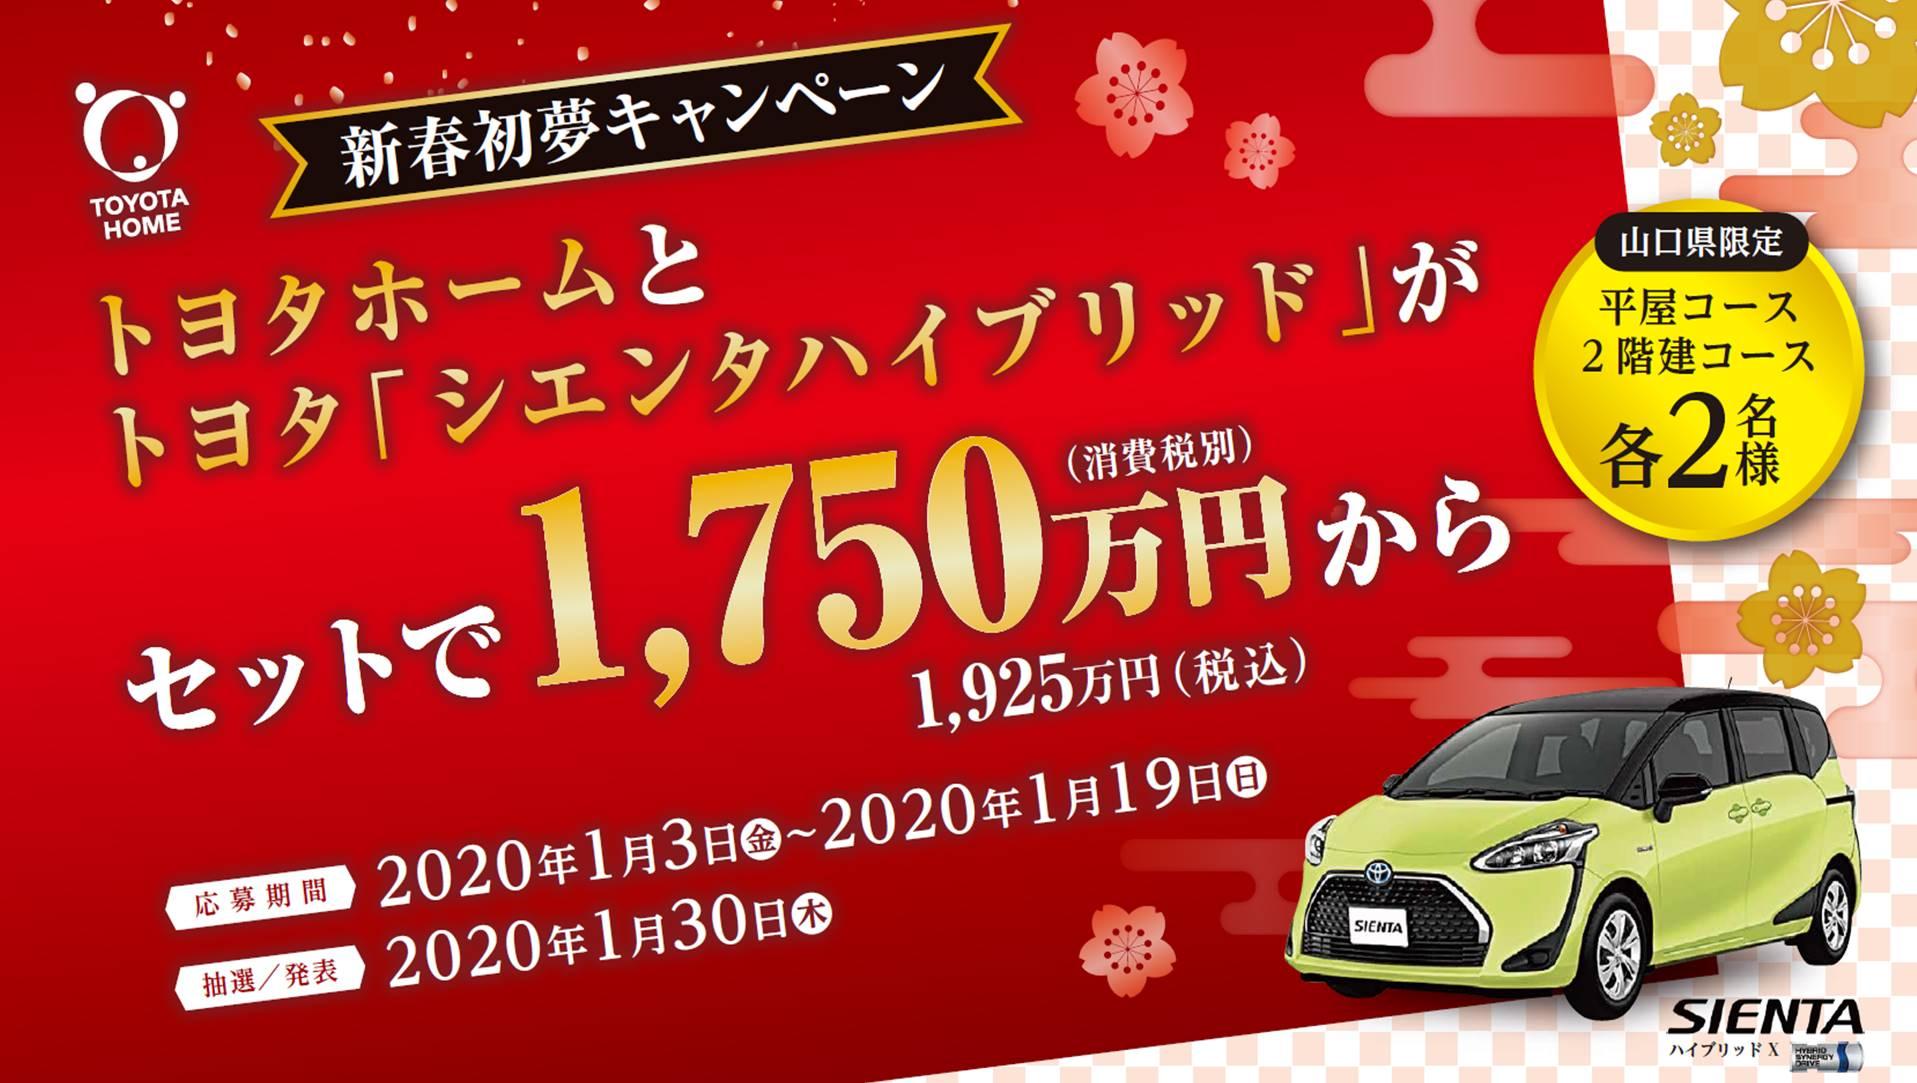 画像:【トヨタホーム】新春初夢キャンペーン